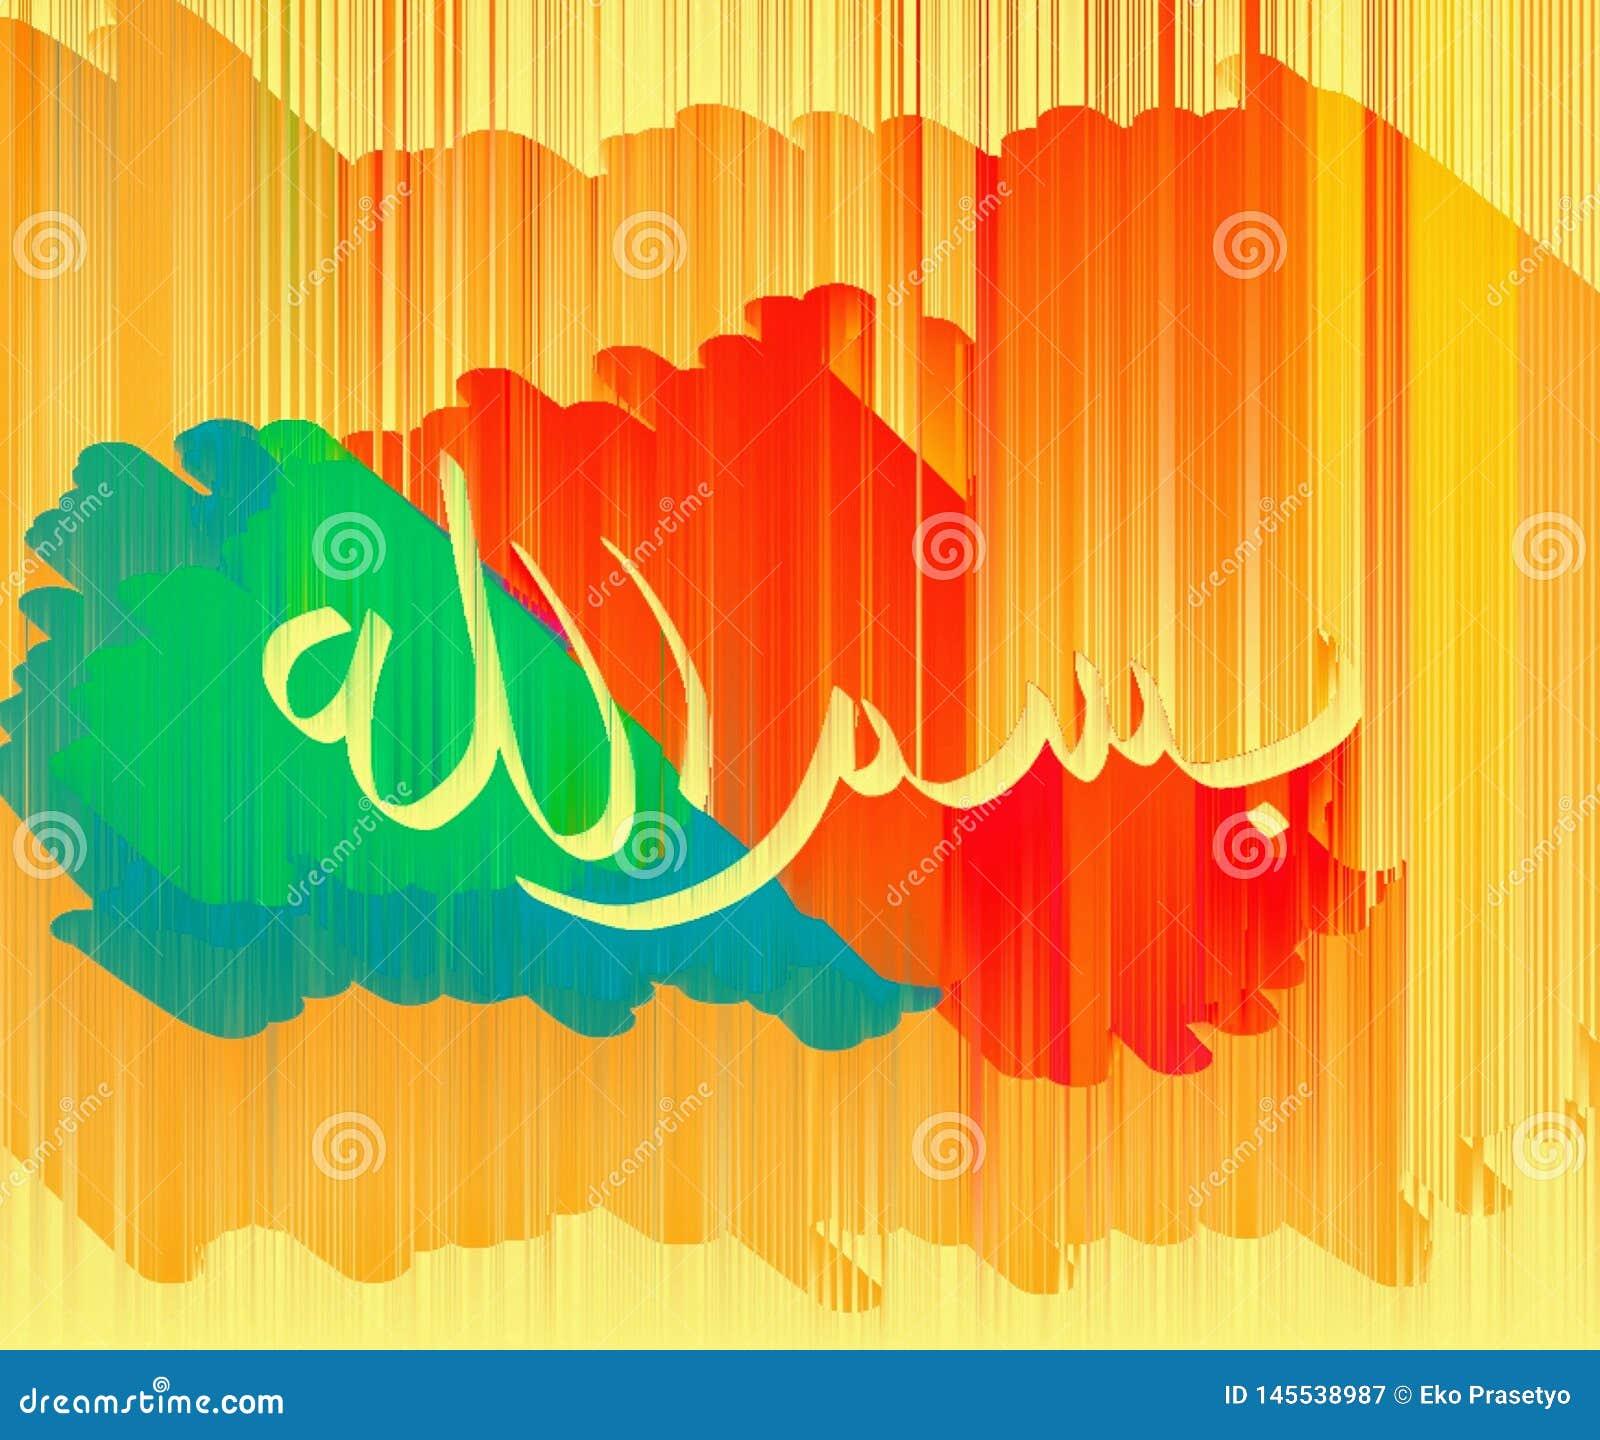 Caligrafía de escritura árabe que es muy popular entre los musulmanes